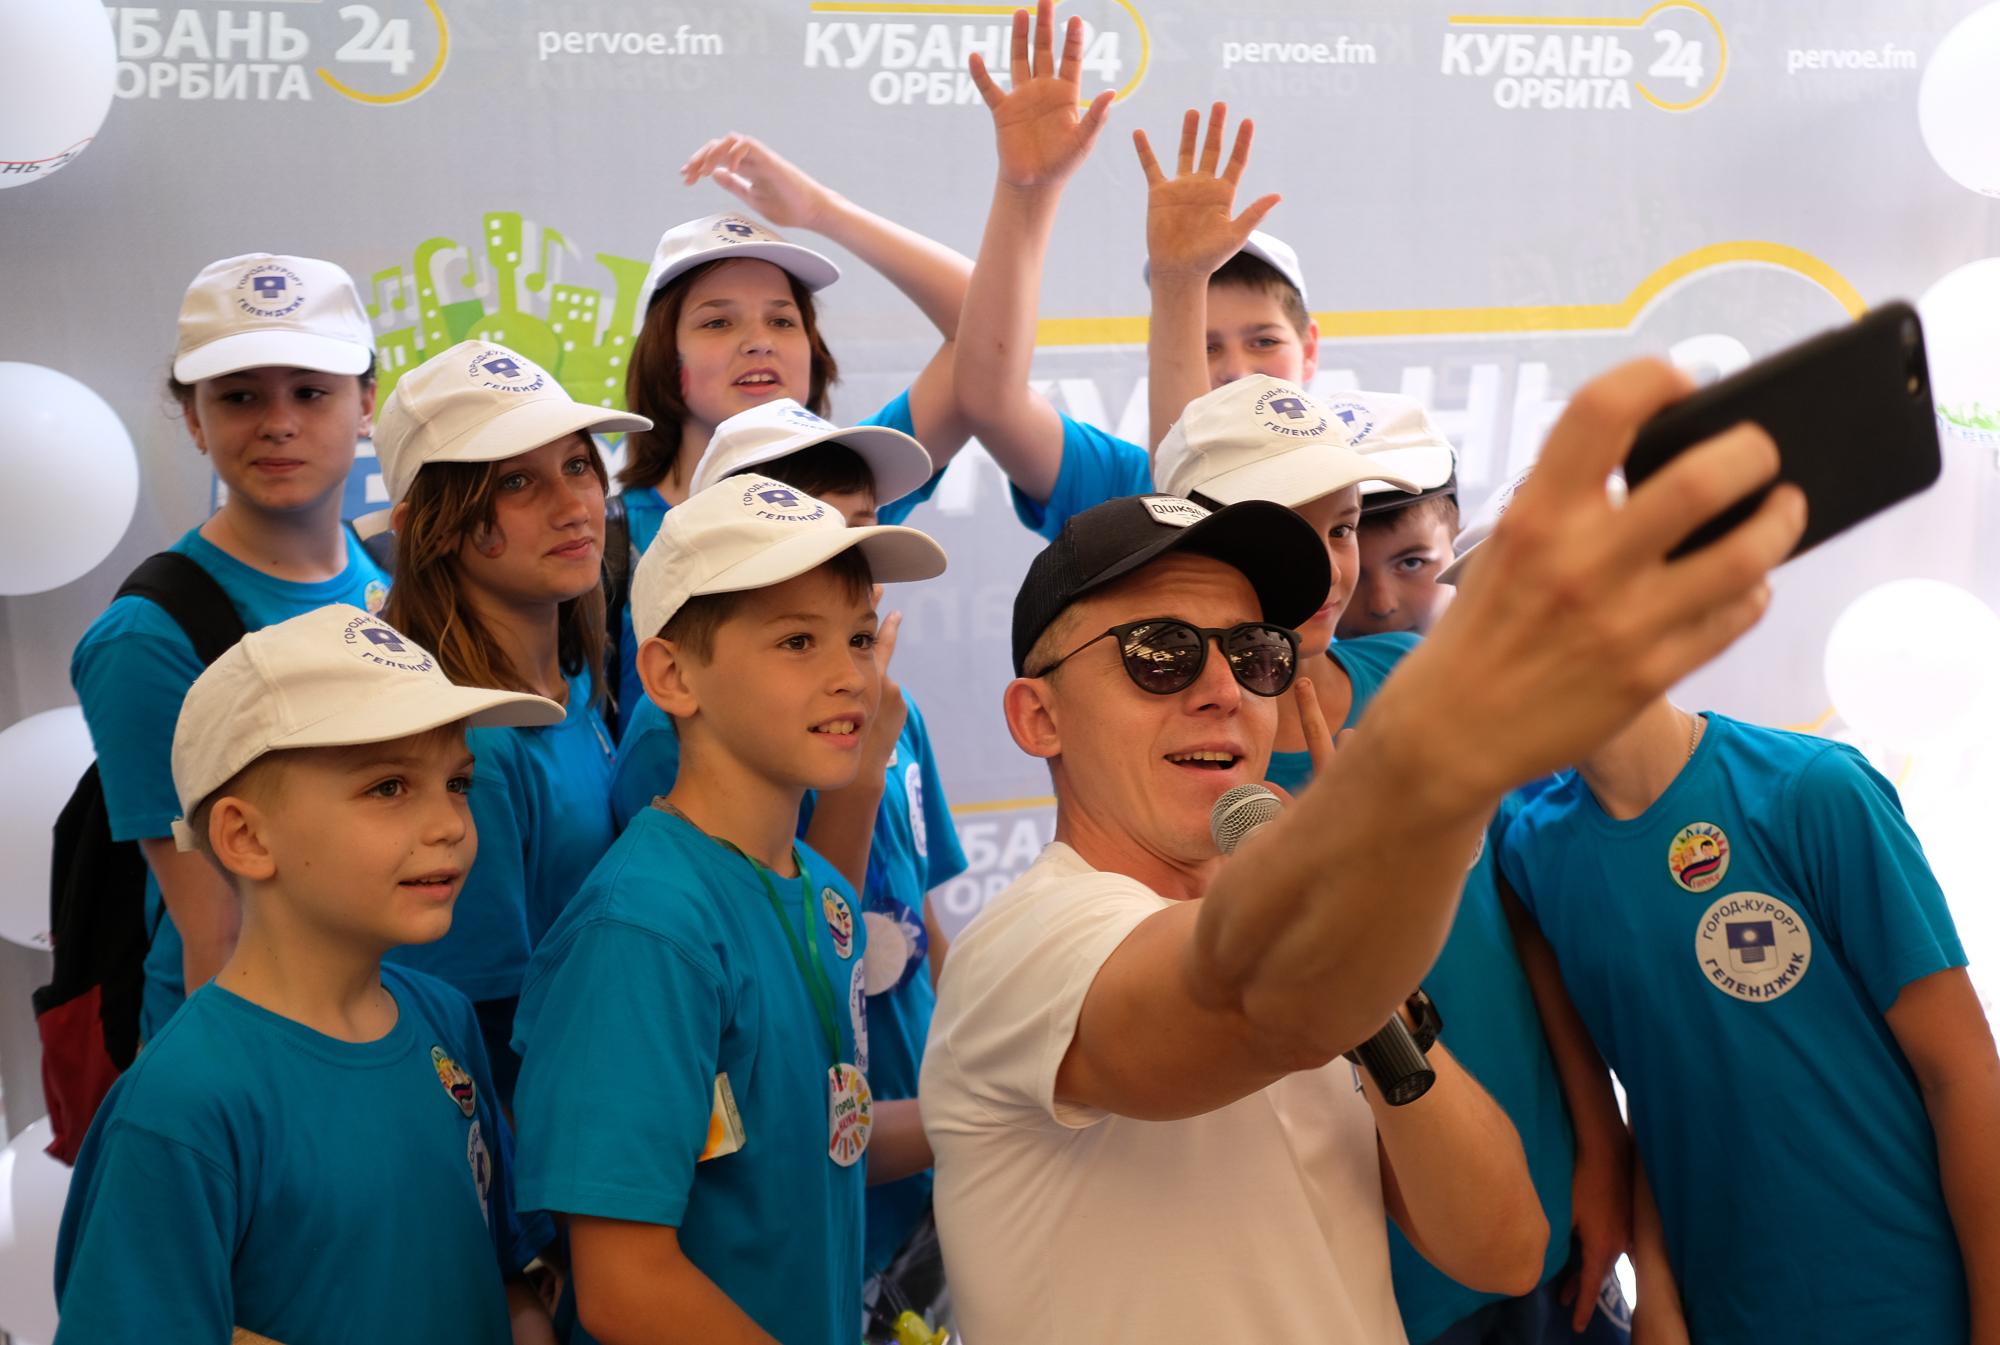 Nikolai_khizhniak-34